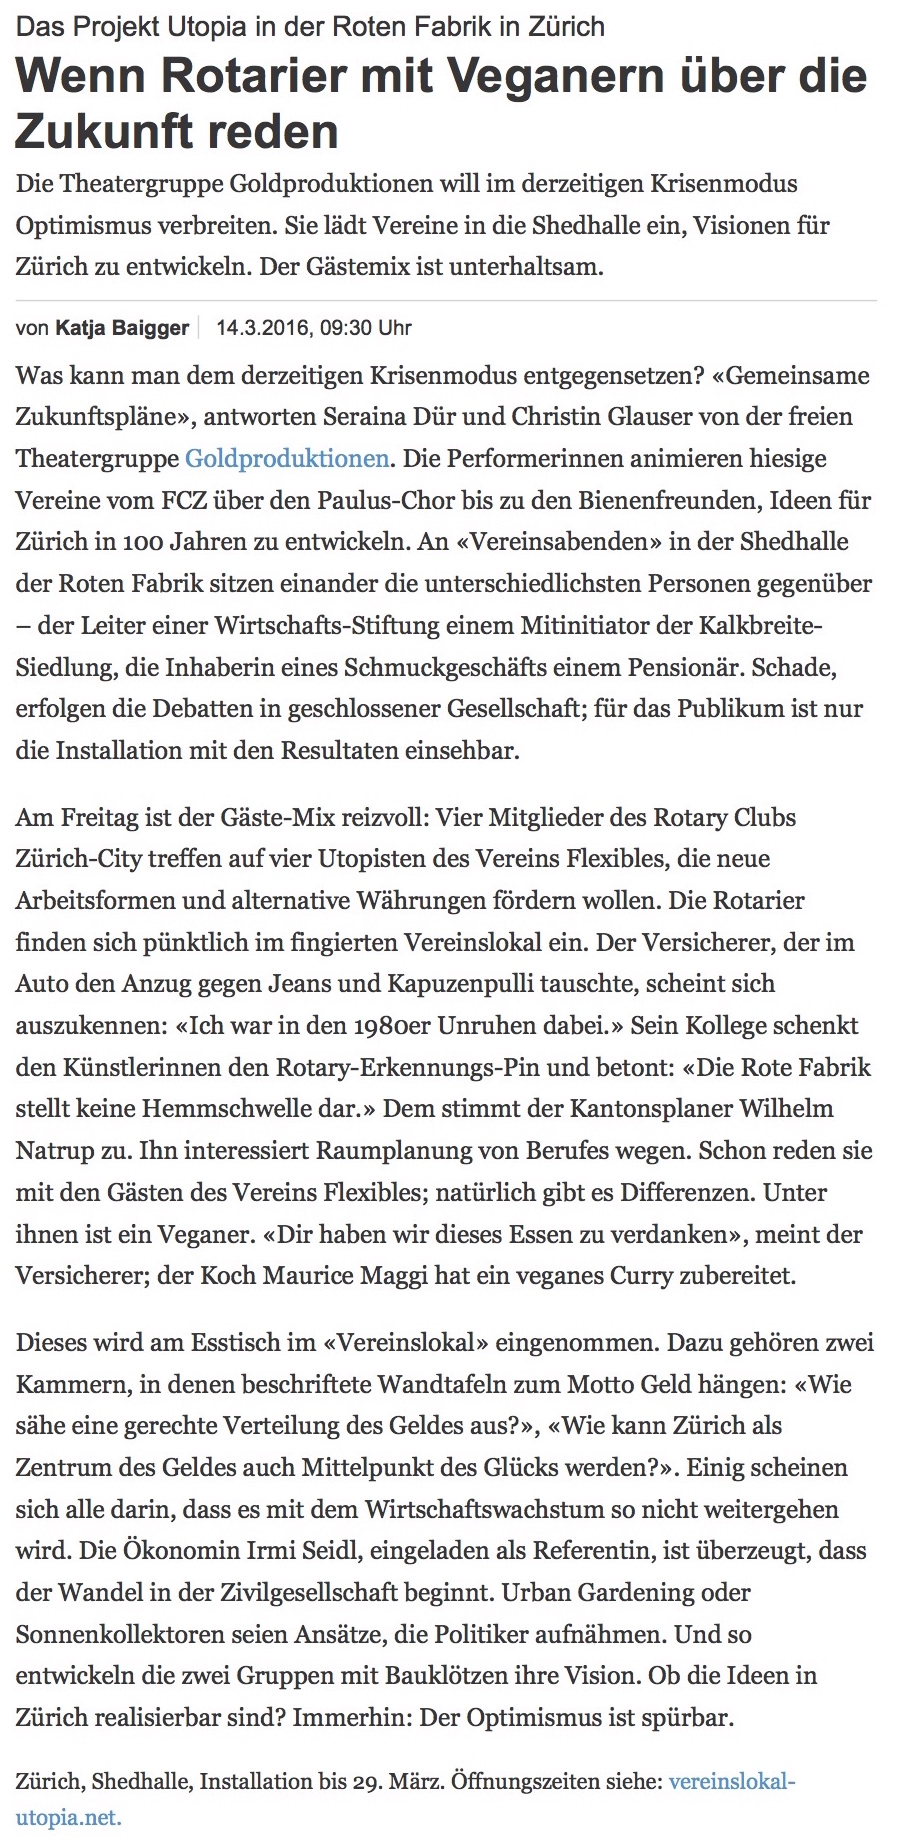 Das Projekt Utopia in der Roten Fabrik in Zürich: Wenn Rotarier mit Veganern über die Zukunft reden - NZZ Bühne-1